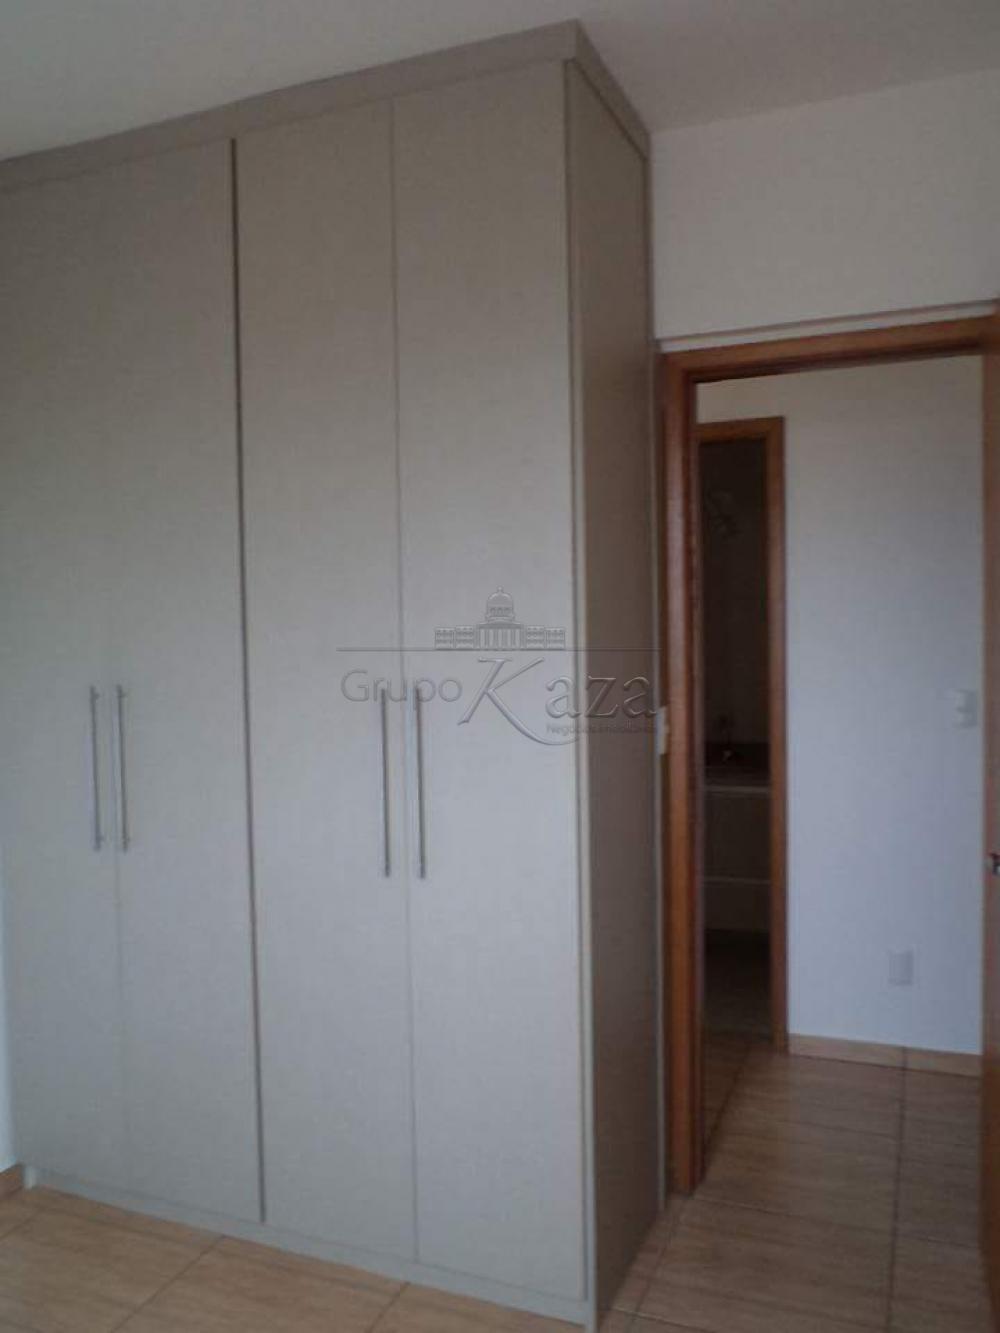 alt='Alugar Apartamento / Padrão em São José dos Campos R$ 1.250,00 - Foto 12' title='Alugar Apartamento / Padrão em São José dos Campos R$ 1.250,00 - Foto 12'